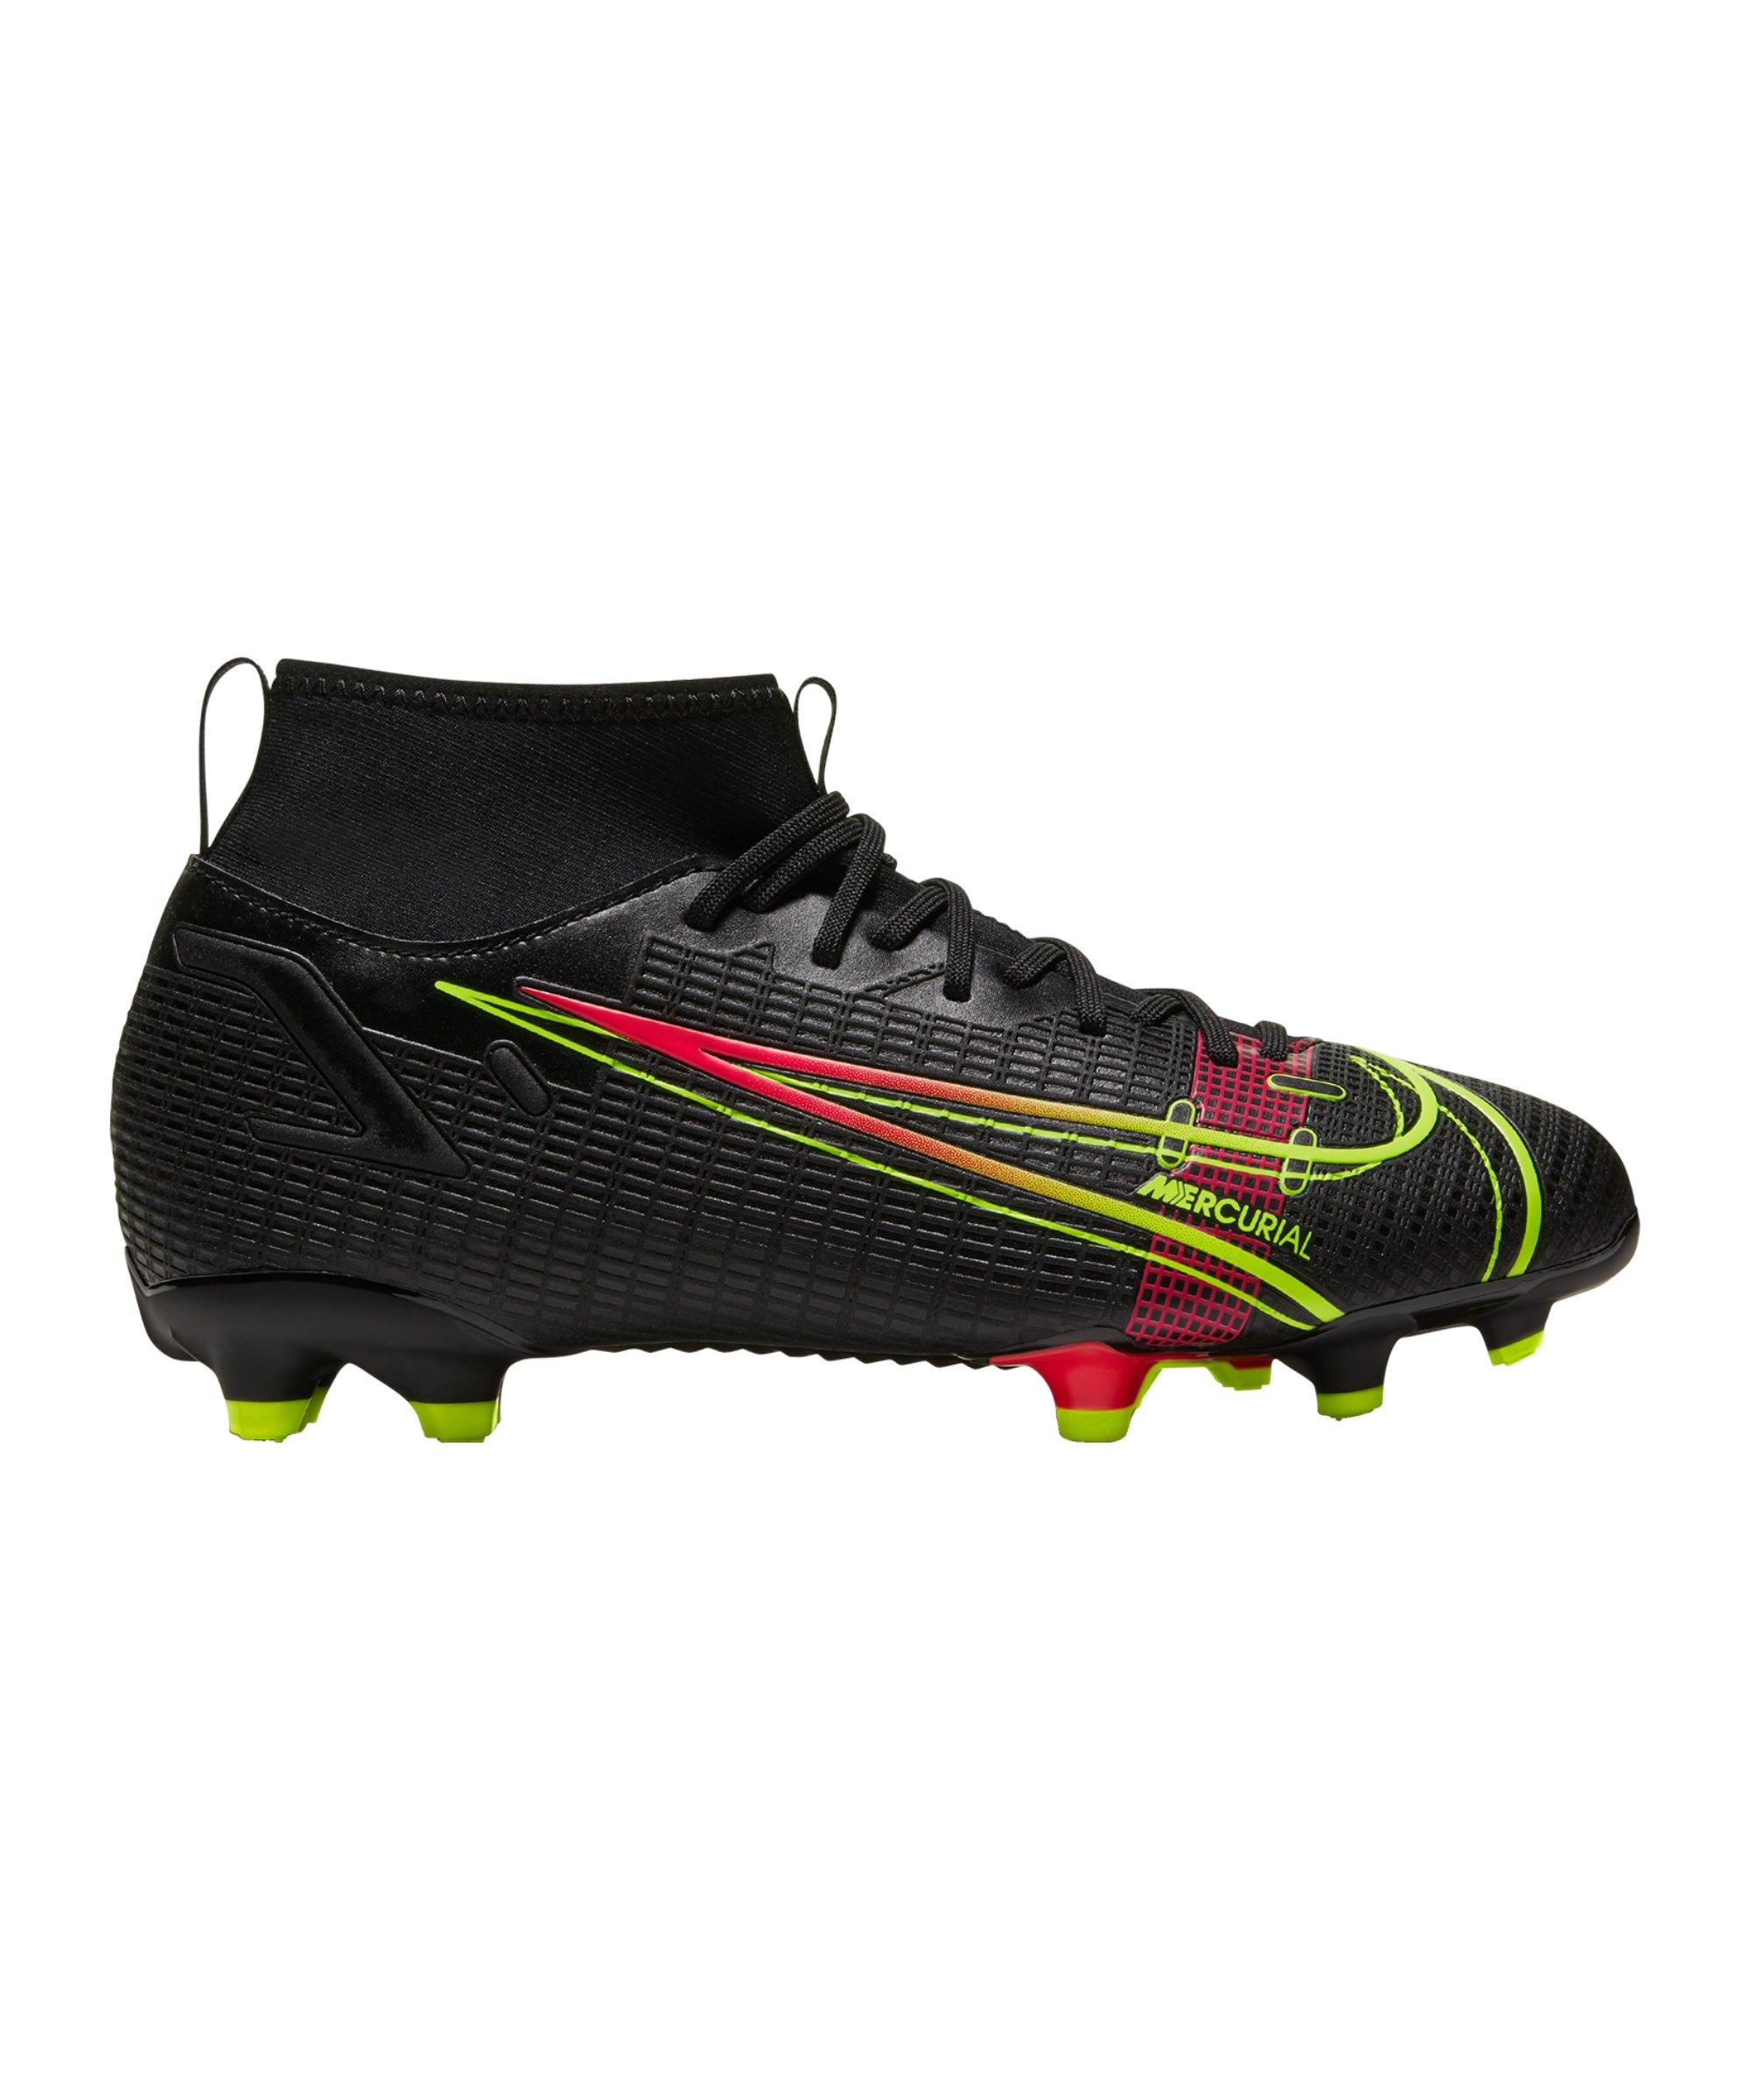 Nike Jr Mercurial Superfly VIII Black X Prism Academy FG/MG Kids Schwarz F090 - schwarz